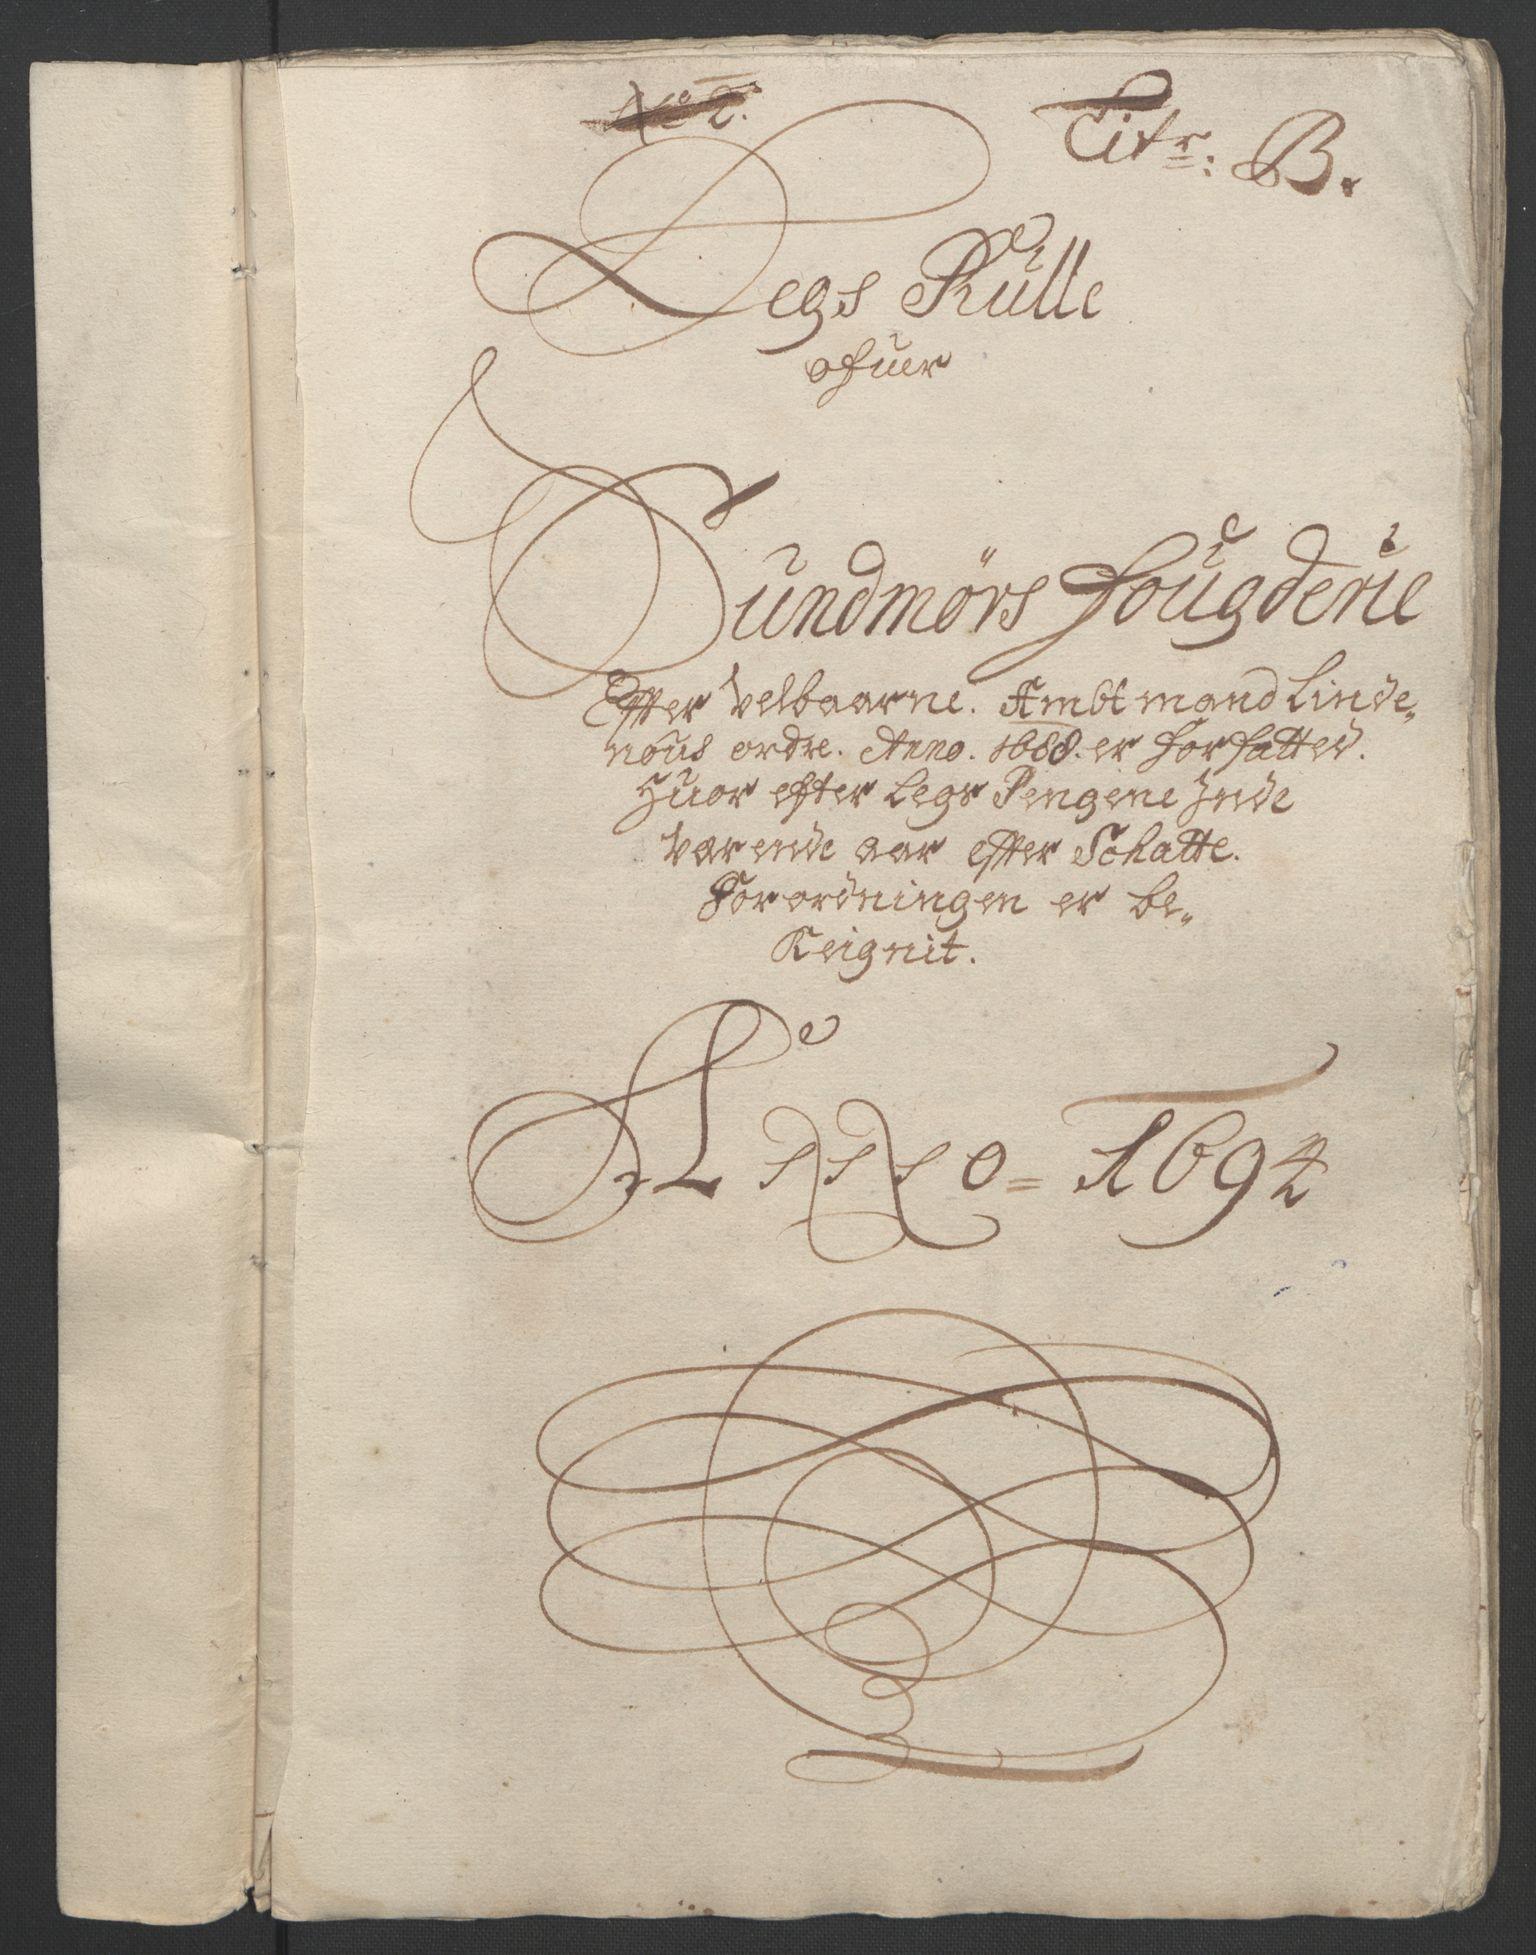 RA, Rentekammeret inntil 1814, Reviderte regnskaper, Fogderegnskap, R54/L3555: Fogderegnskap Sunnmøre, 1694-1695, s. 38